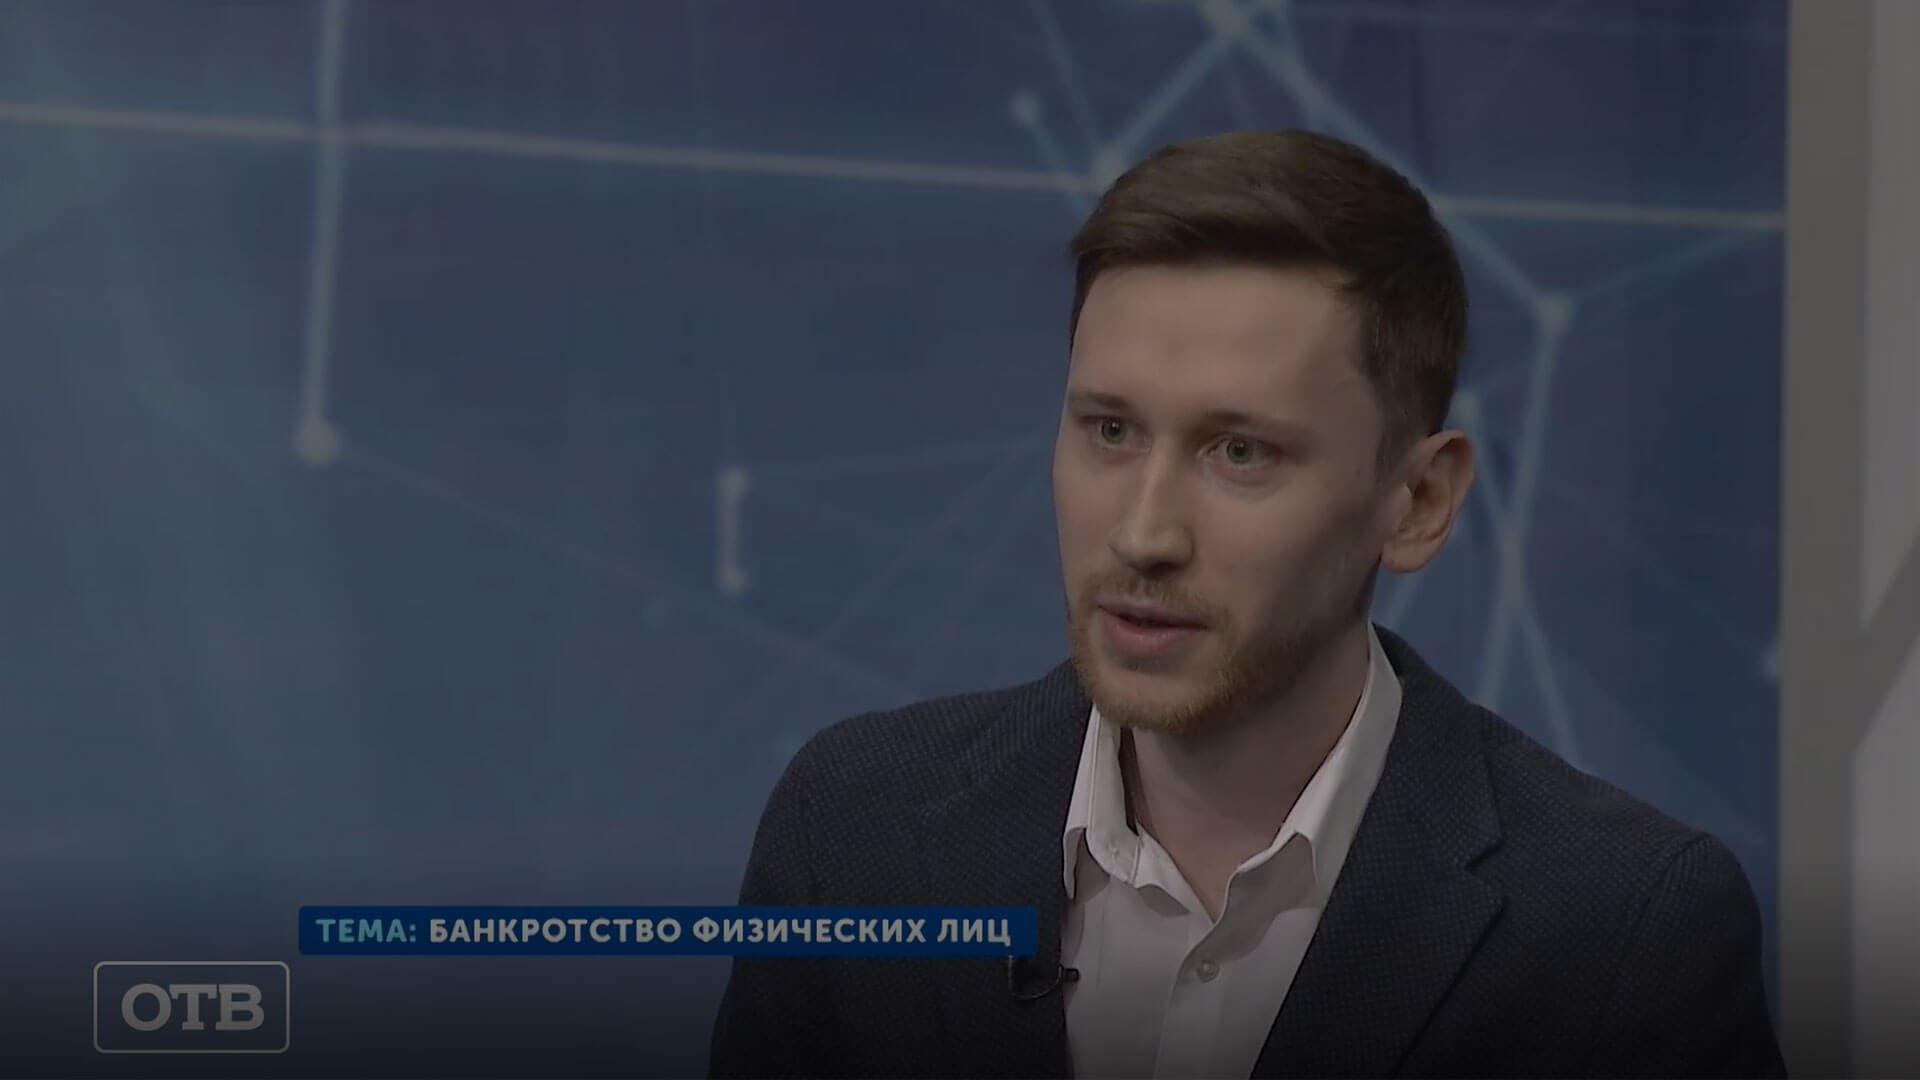 юрист по банкротству юридических лиц красноярск